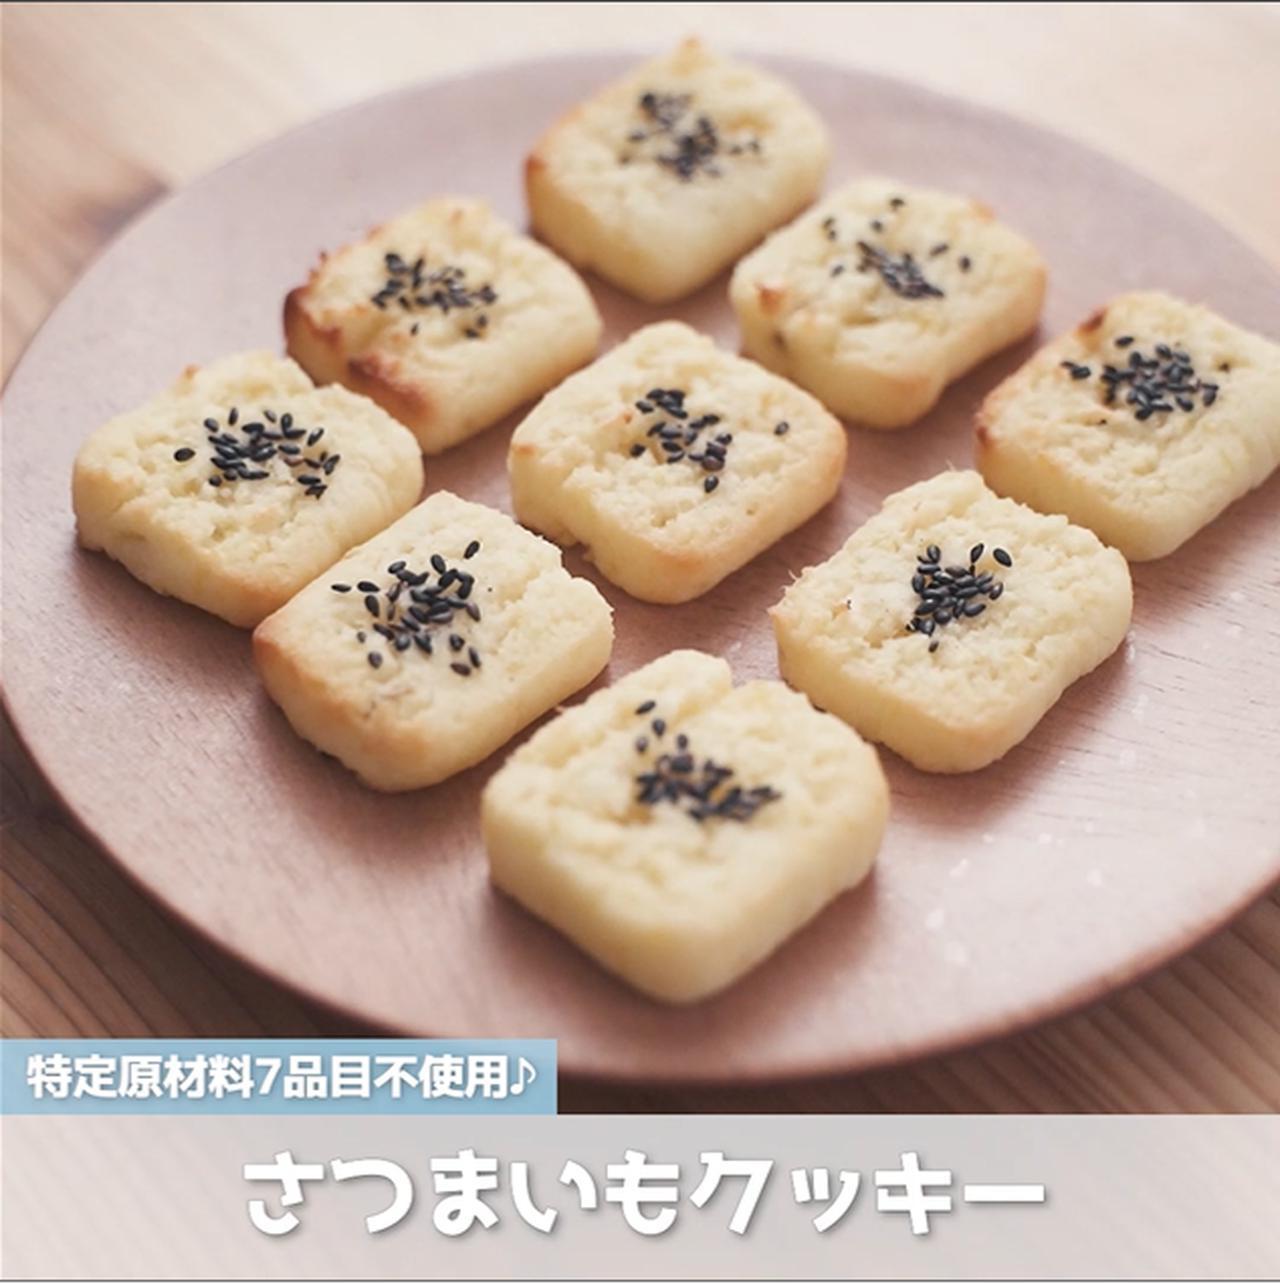 画像: 君とごはんの第1回クッキングイベントで使用したレシピです!サクサクモチモチ!さつまいもクッキー - 君とごはん